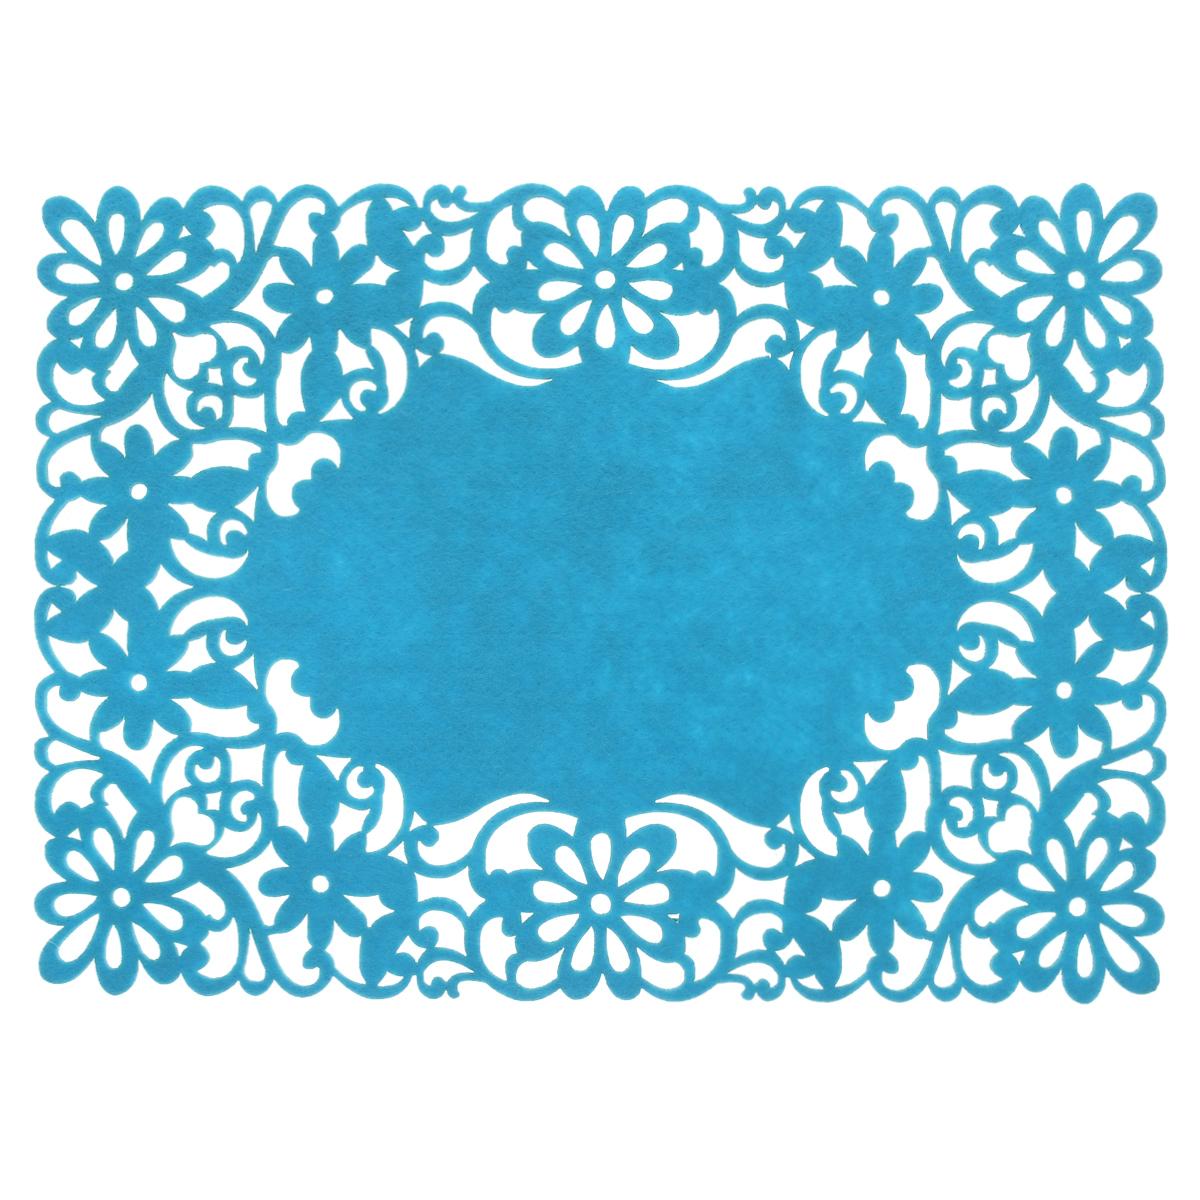 Салфетка Home Queen Цветы, цвет: синий, 40 х 30 см64498_1Прямоугольная салфетка Home Queen Цветы изготовлена из фетра и оформлена изысканной перфорацией в виде цветочных узоров. Такая салфетка прекрасно подойдет для украшения интерьера кухни, она сбережет стол от высоких температур и грязи.